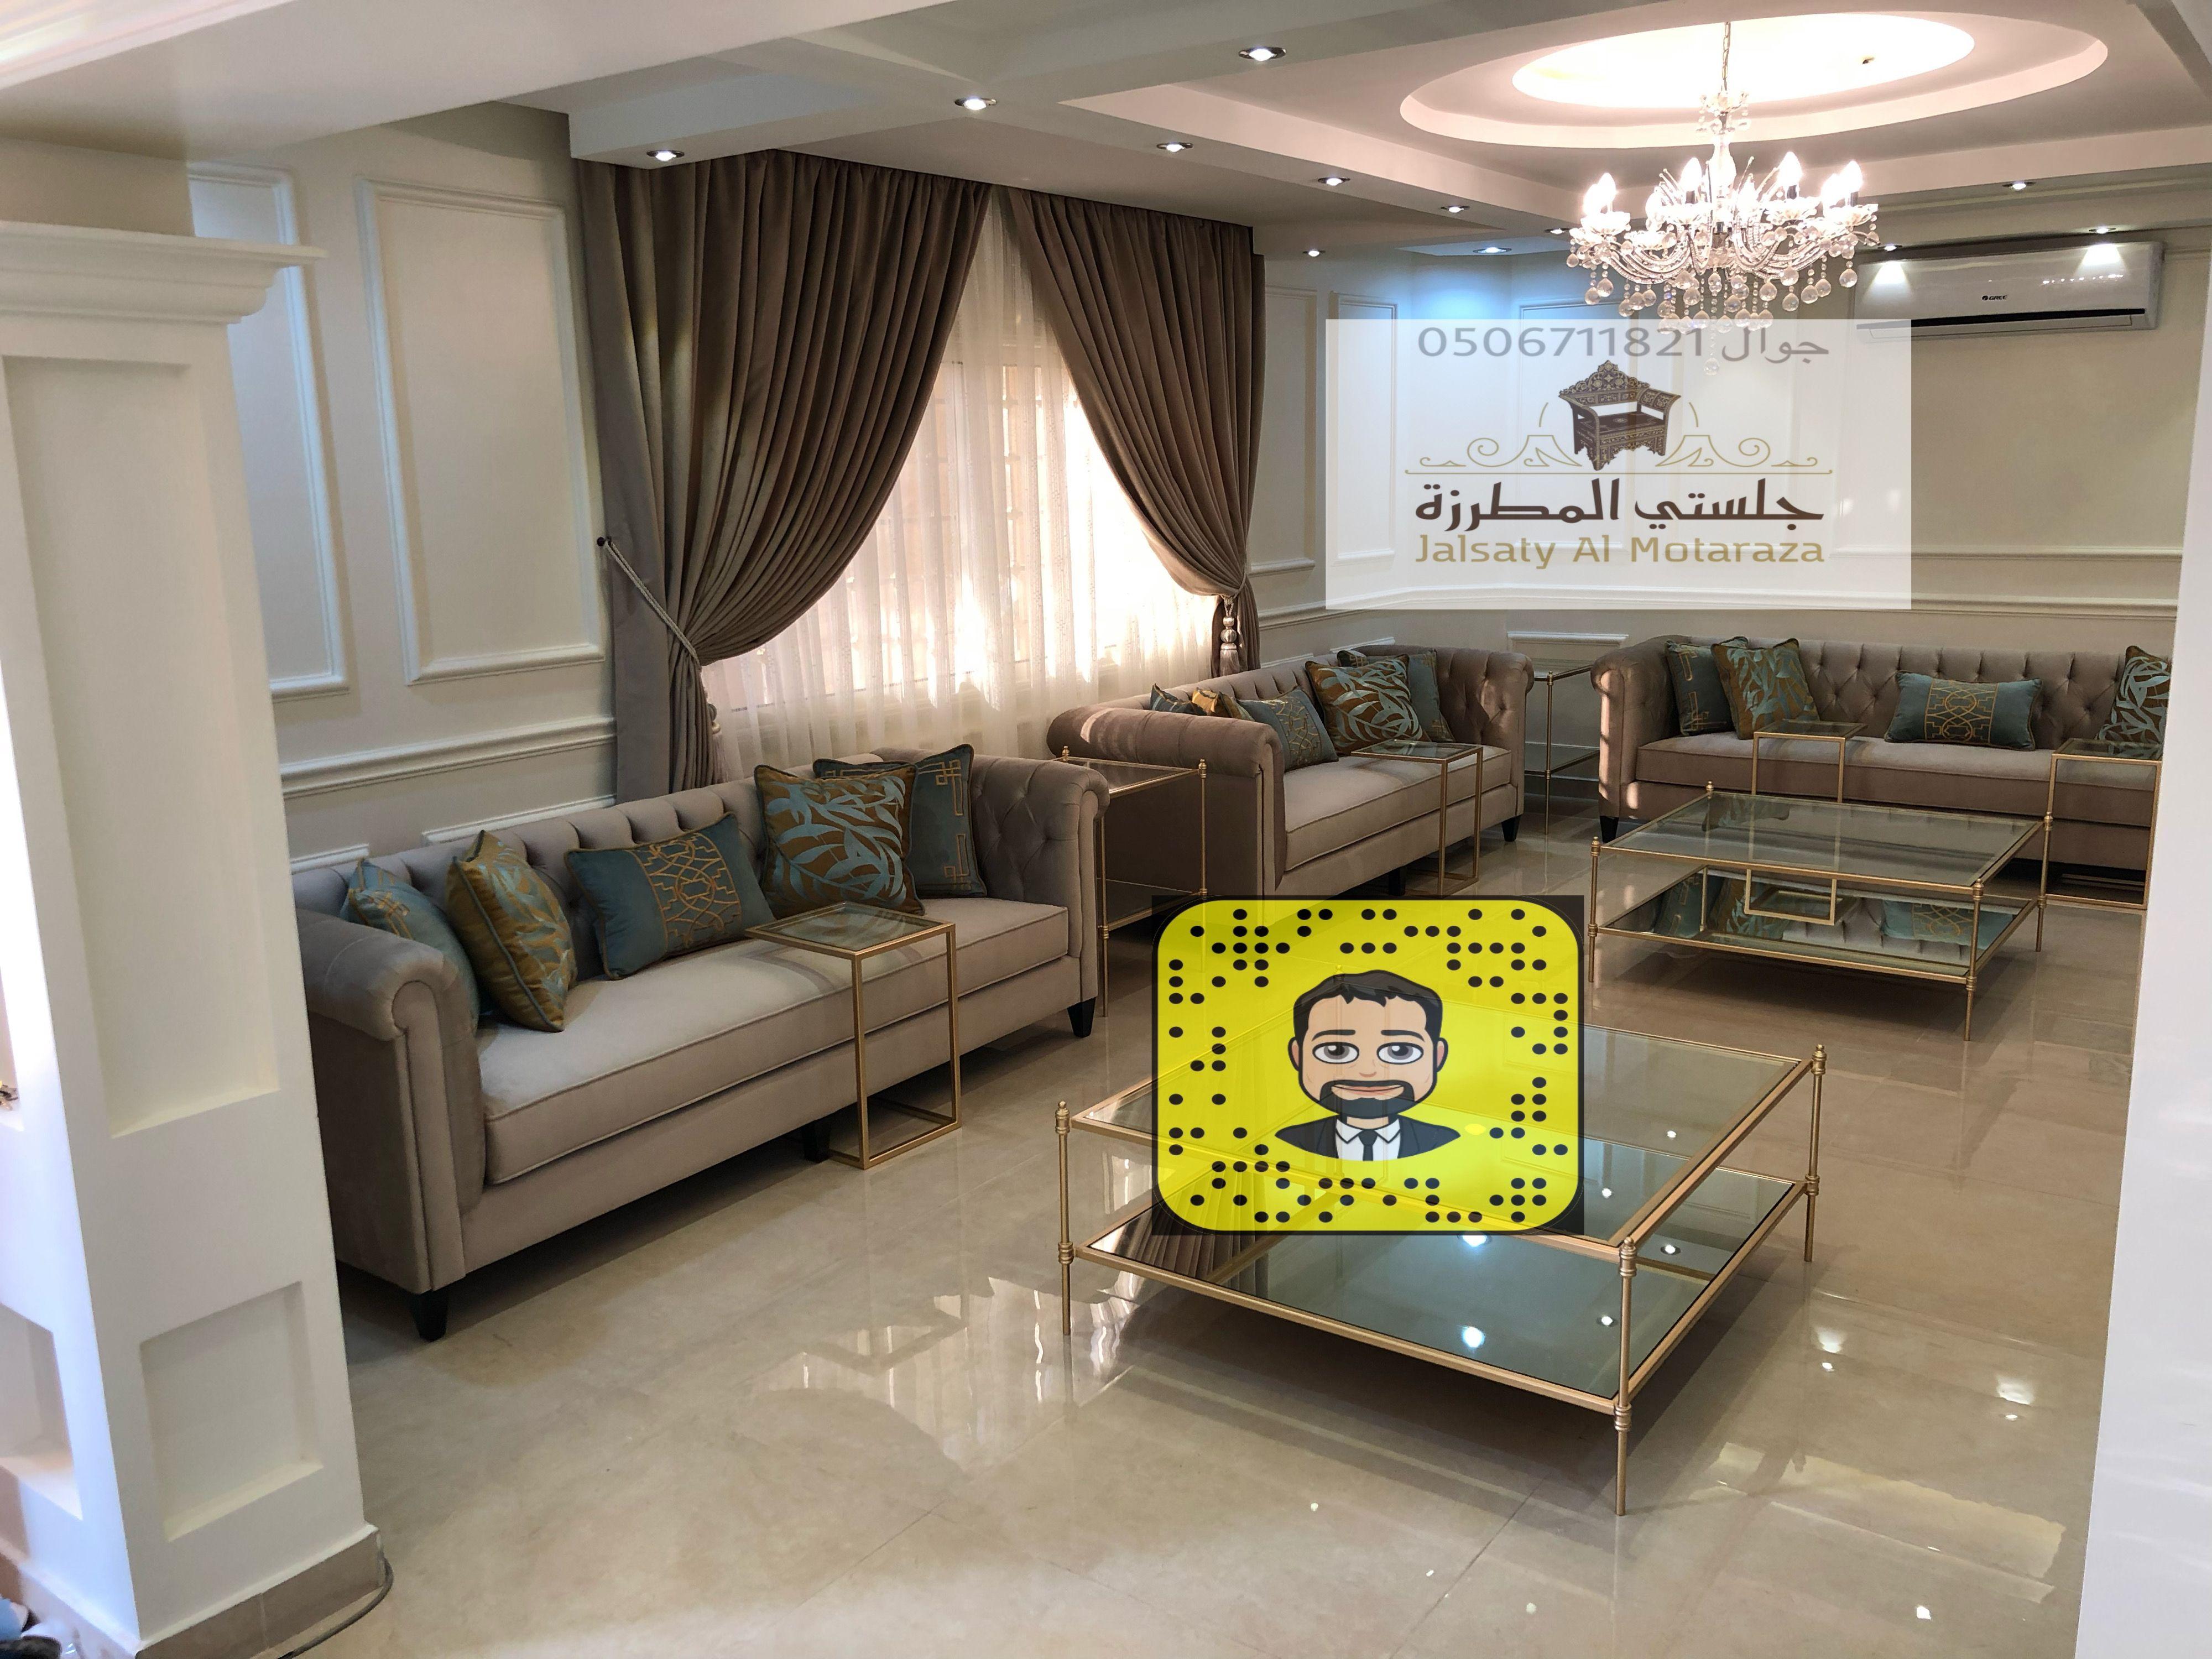 Login Instagram Comfortable Bedroom Decor Living Room Design Decor Kids Bedroom Design